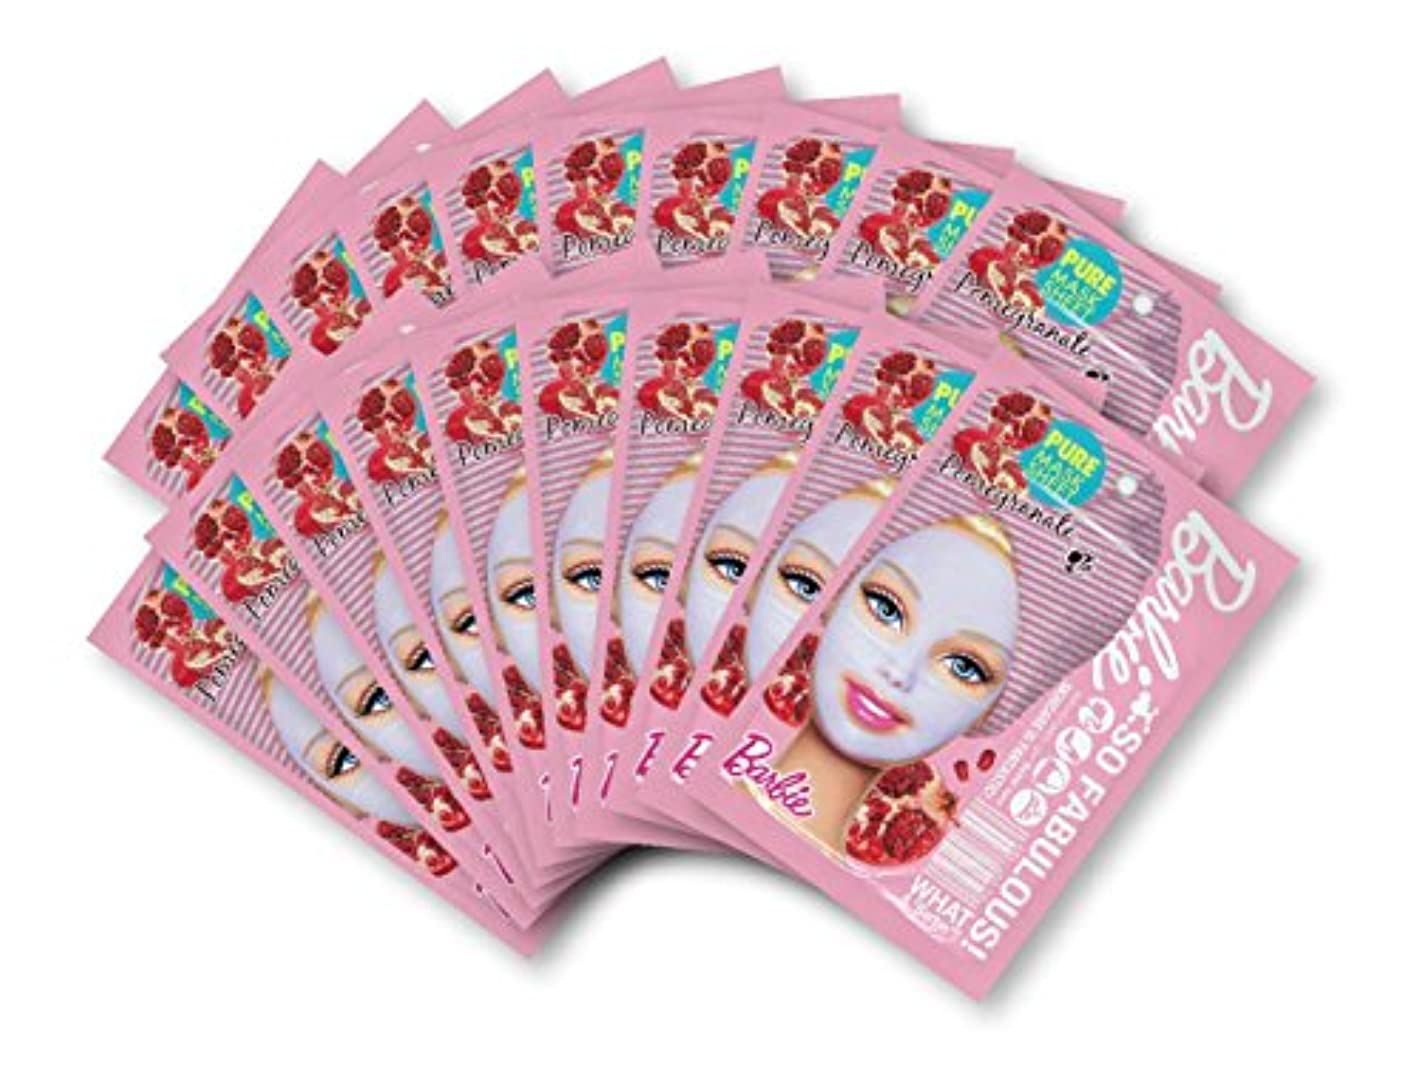 誤って深遠剣バービー (Barbie) フェイスマスク ピュアマスクシートN (ポメグラネート/ざくろ) 25ml×20枚入り [保湿] 顔 シートマスク フェイスパック